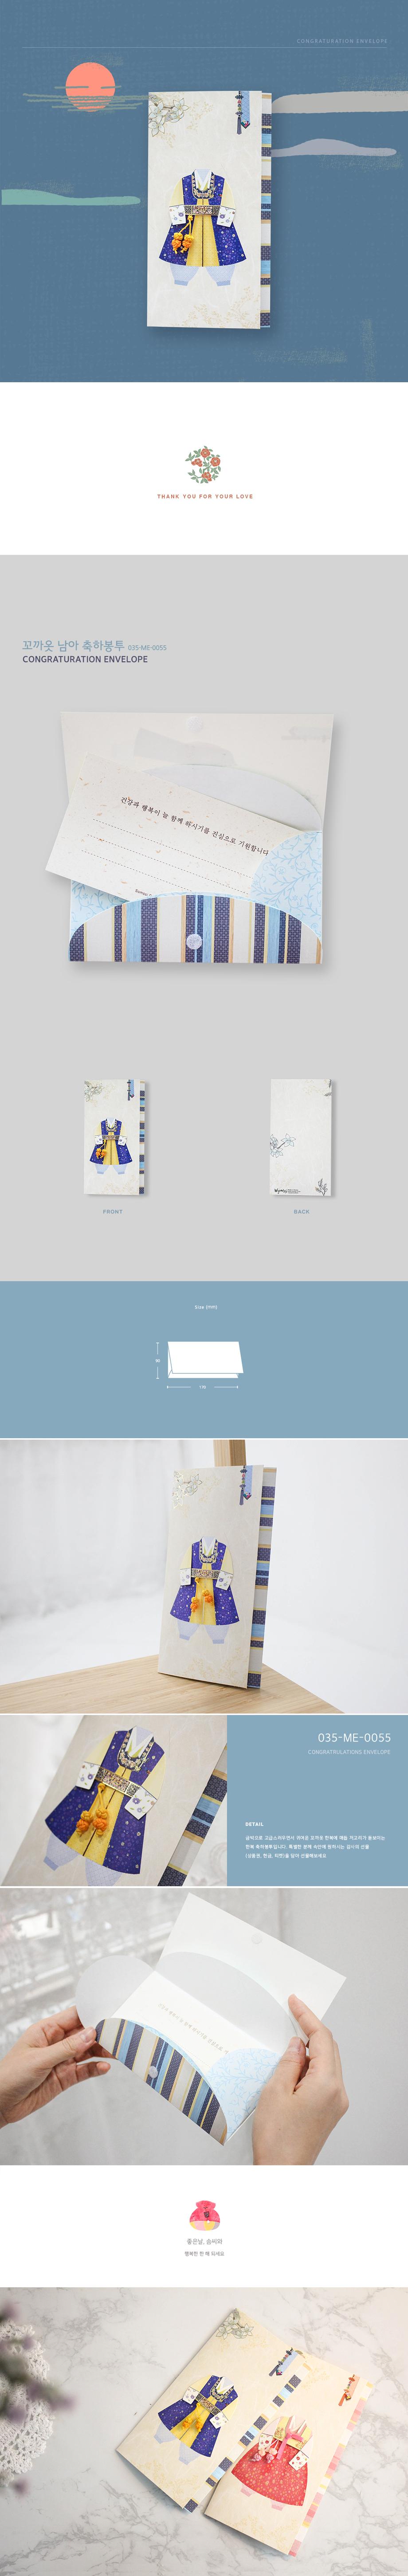 035-ME-0055 꼬까옷 남아 축하봉투 - 솜씨카드, 3,500원, 용돈봉투, 전통